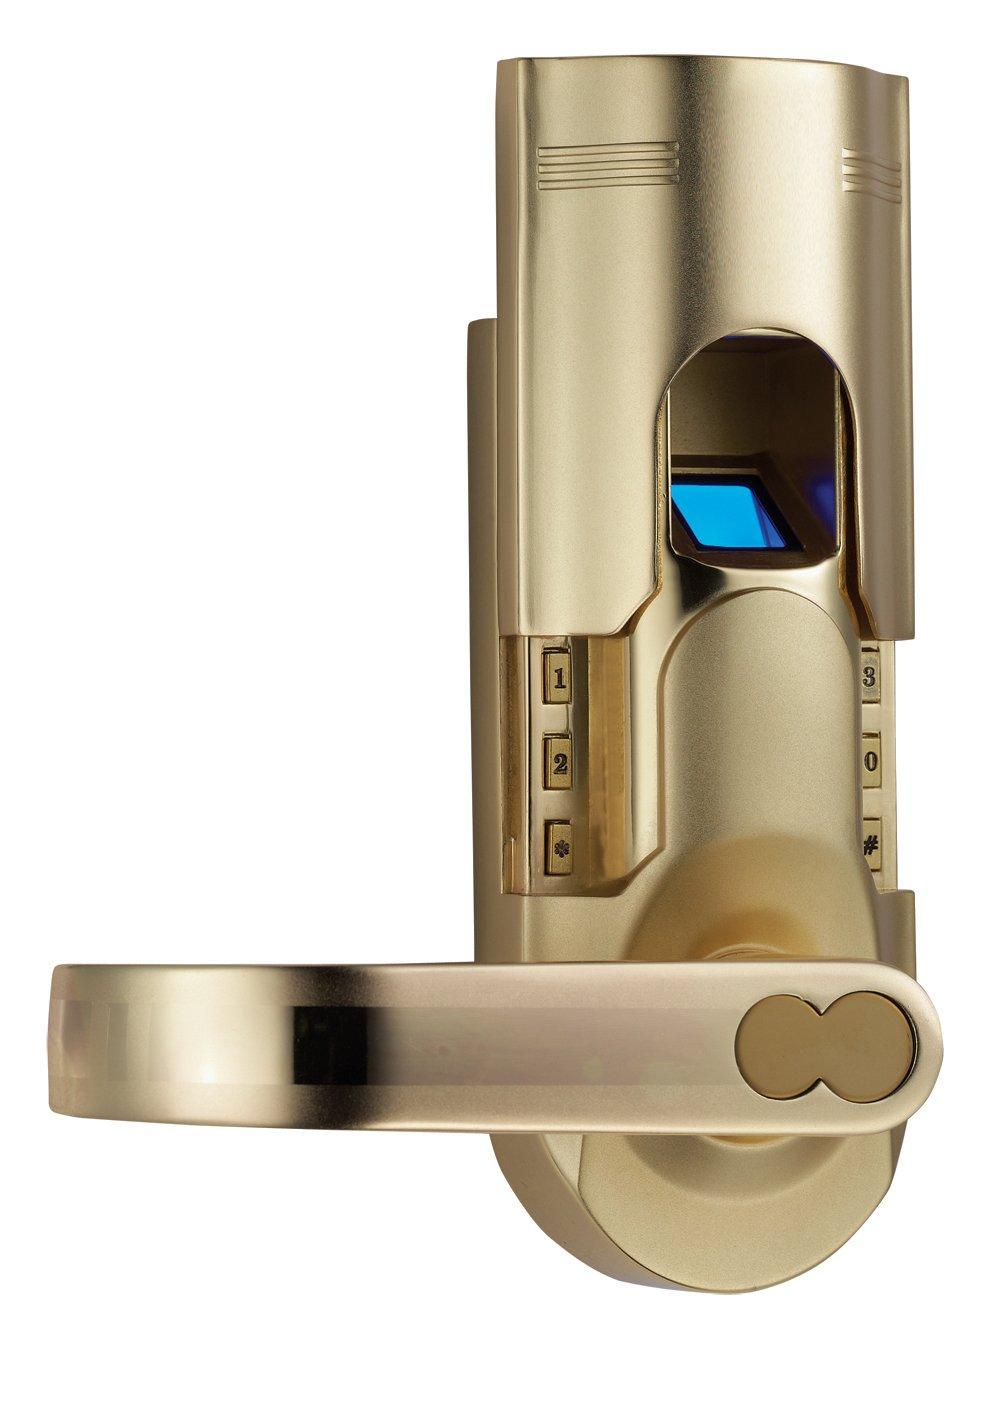 Digi Biometric Fingerprint Door Lock 6600-86 Left Right Handle - Electronic Door Lock ideal for Entry Door - Unlock with Fingerprint, Passcode, Key - Silver Gold Color